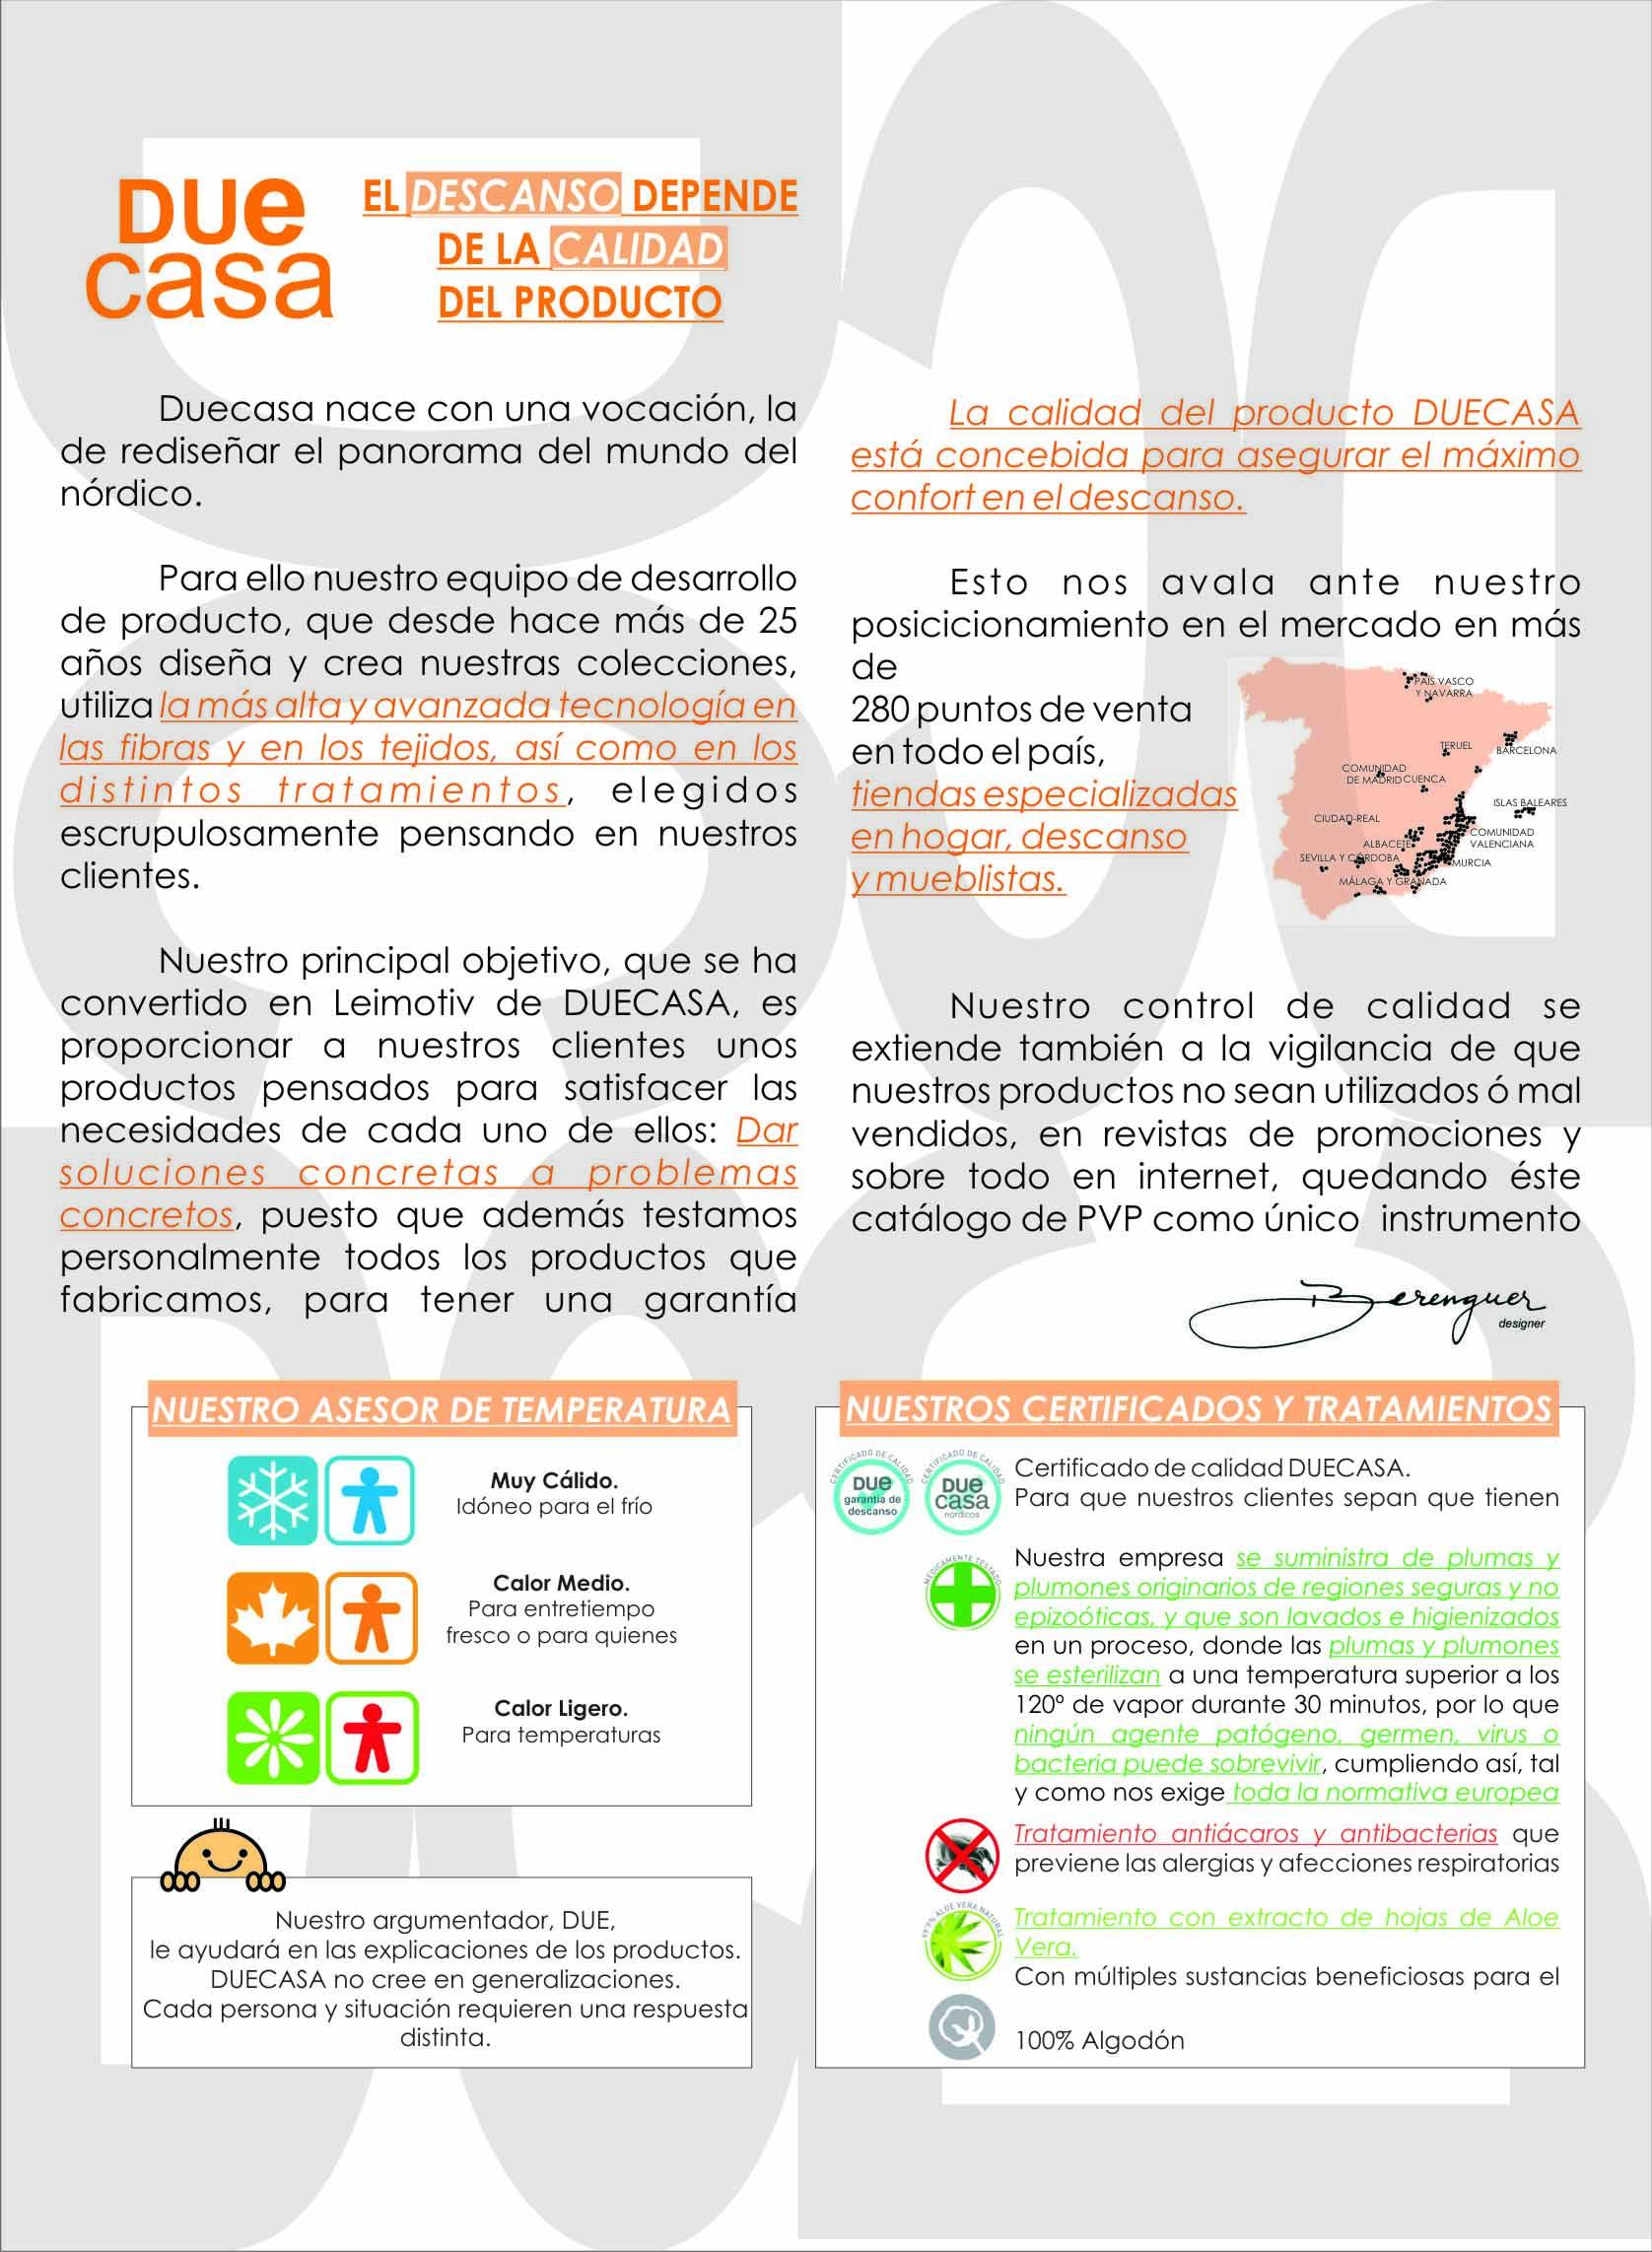 Información sobre Duecasa